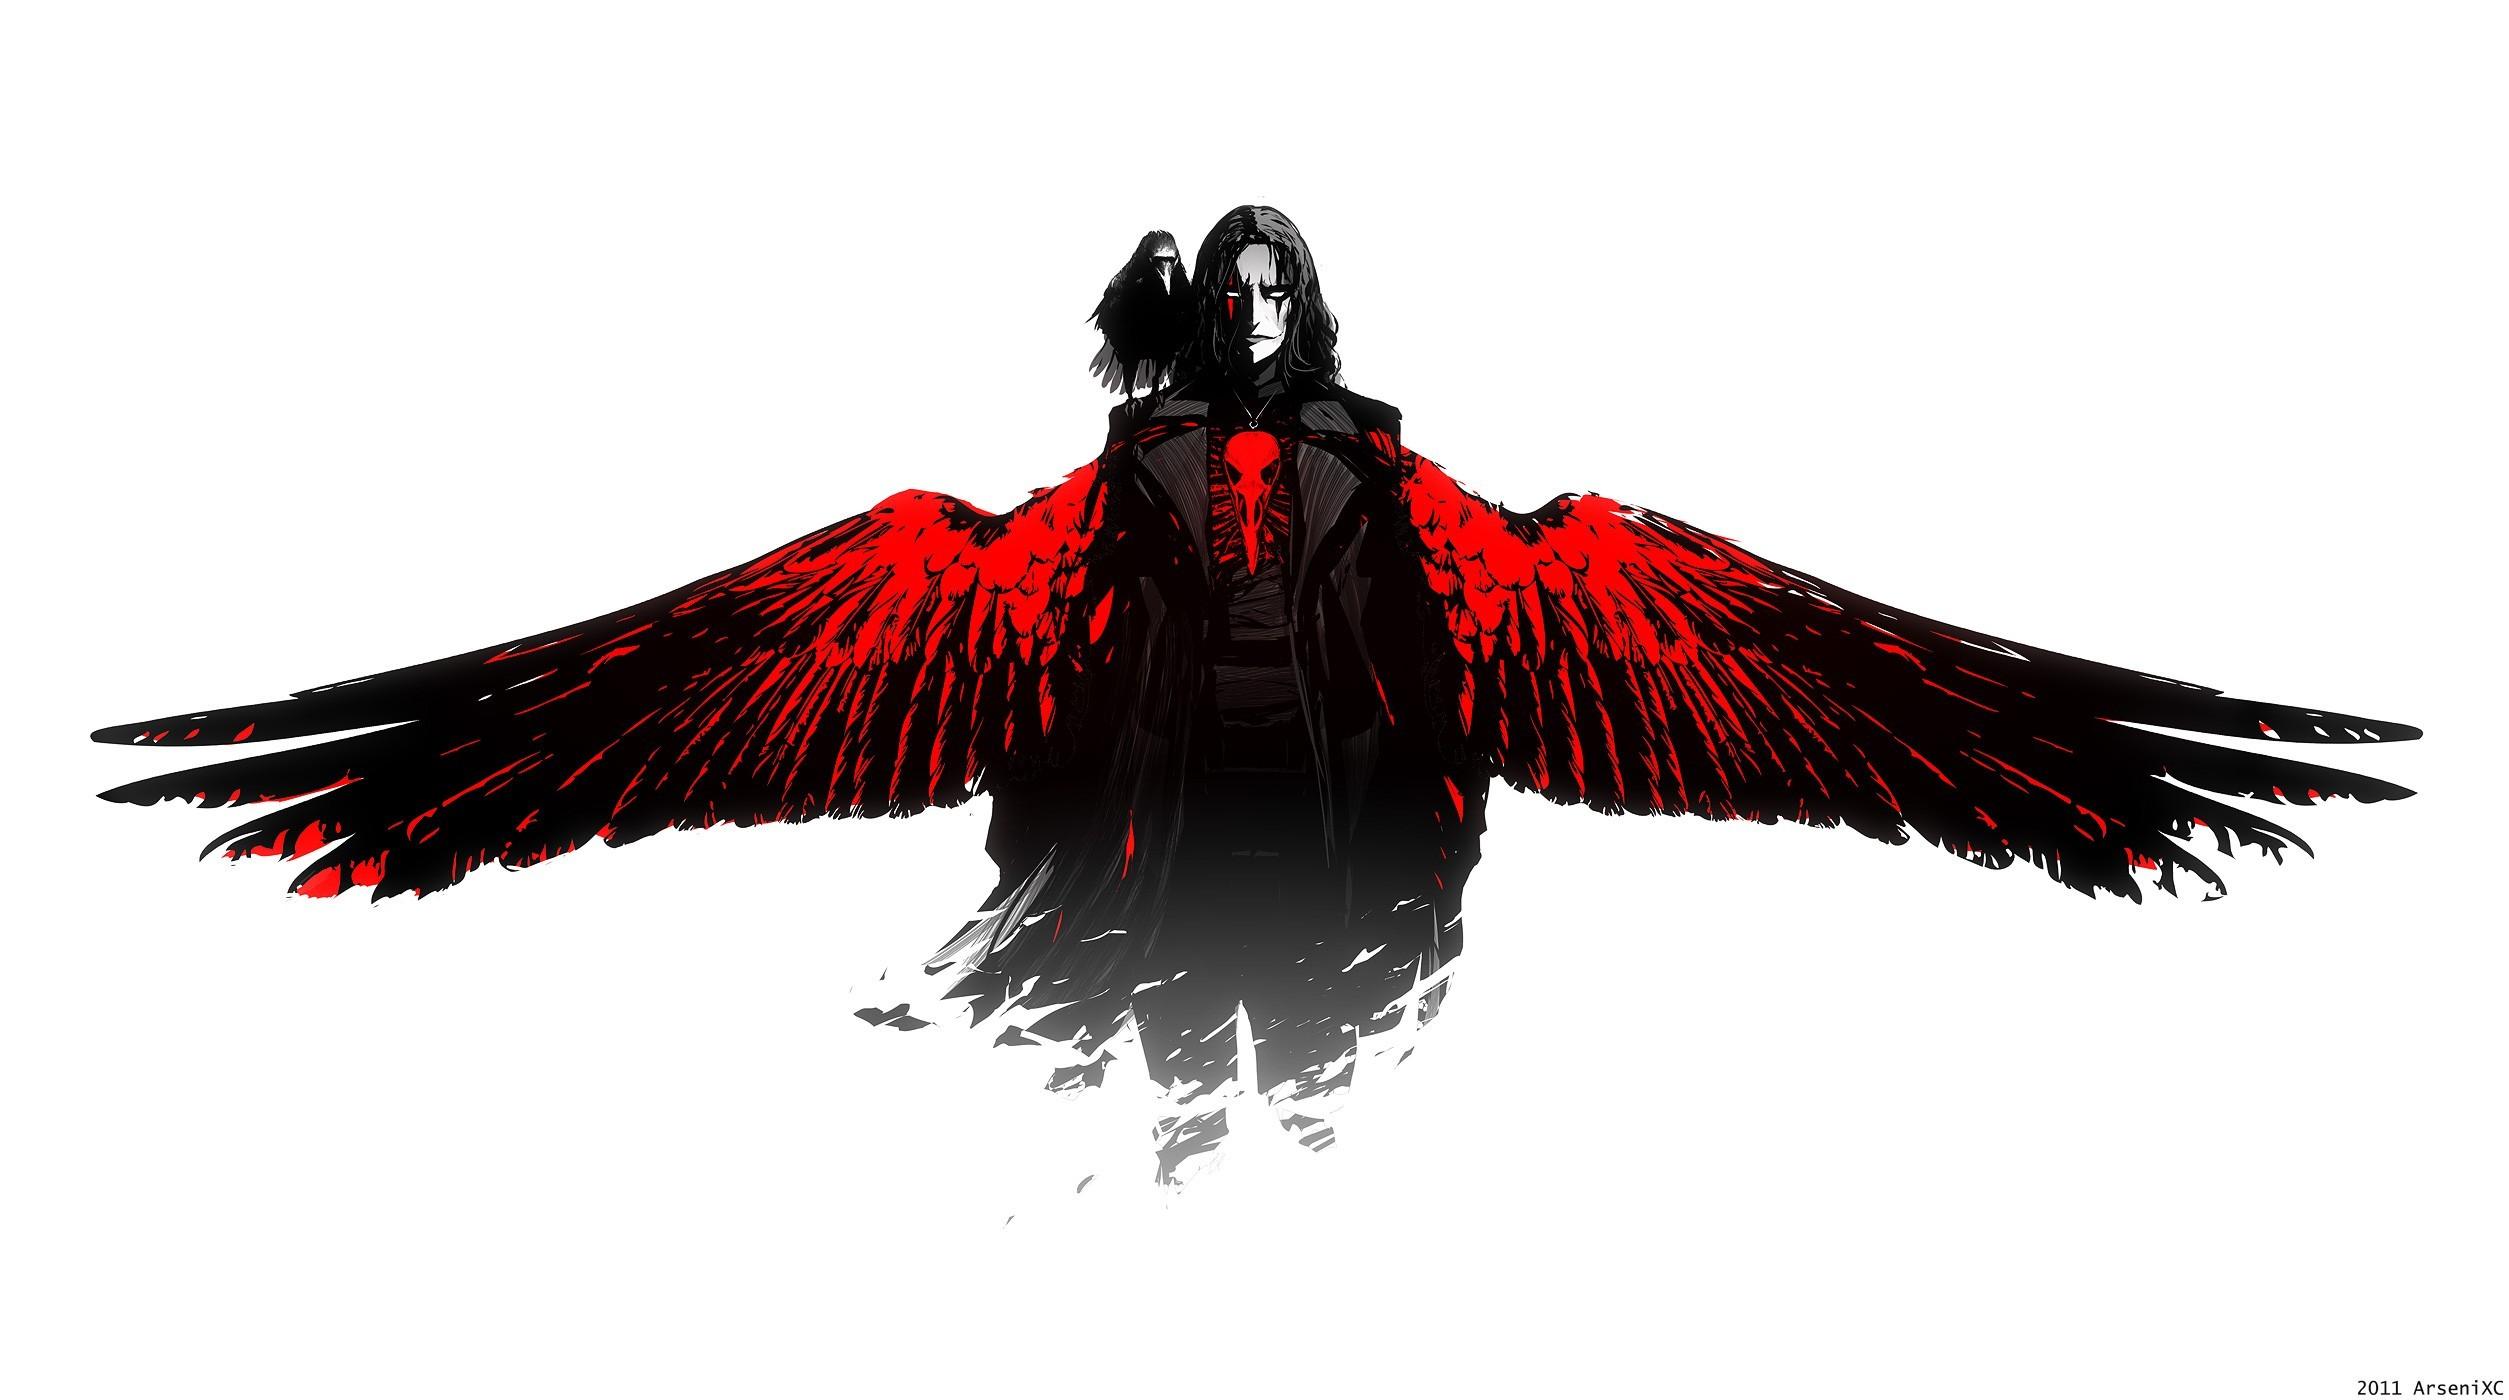 wallpaper wings · black angel · The Crow · Brandon Lee